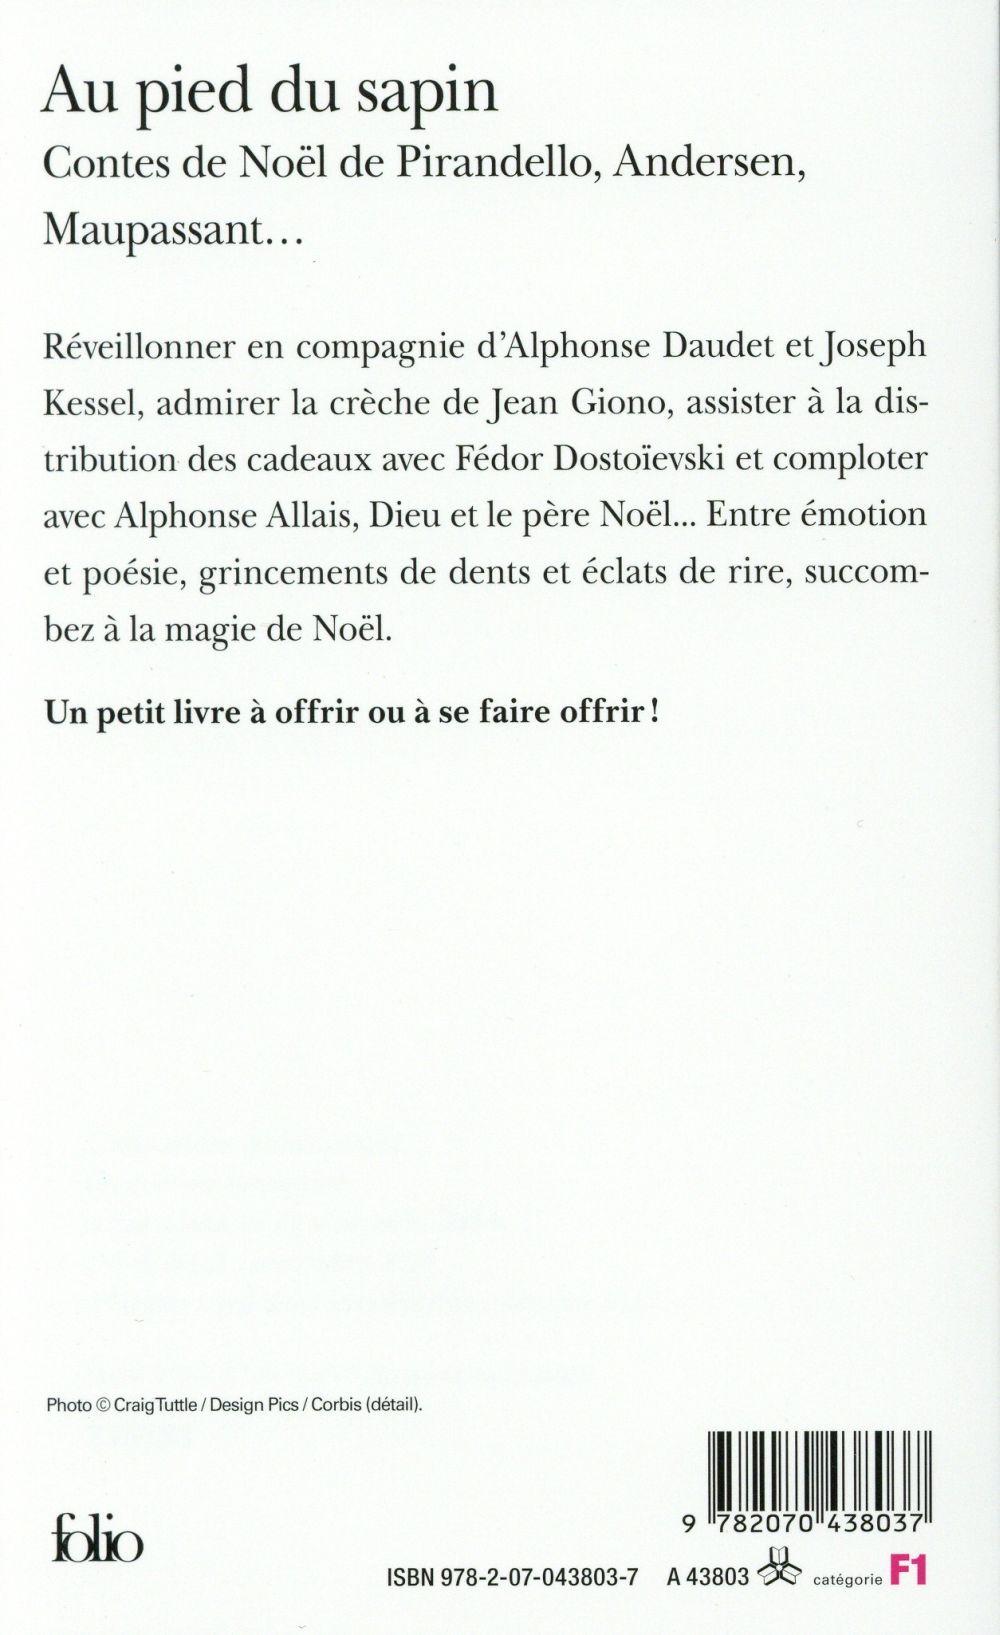 au pied du sapin ; contes de Noël de Pirandello, Andersen, Maupassant...